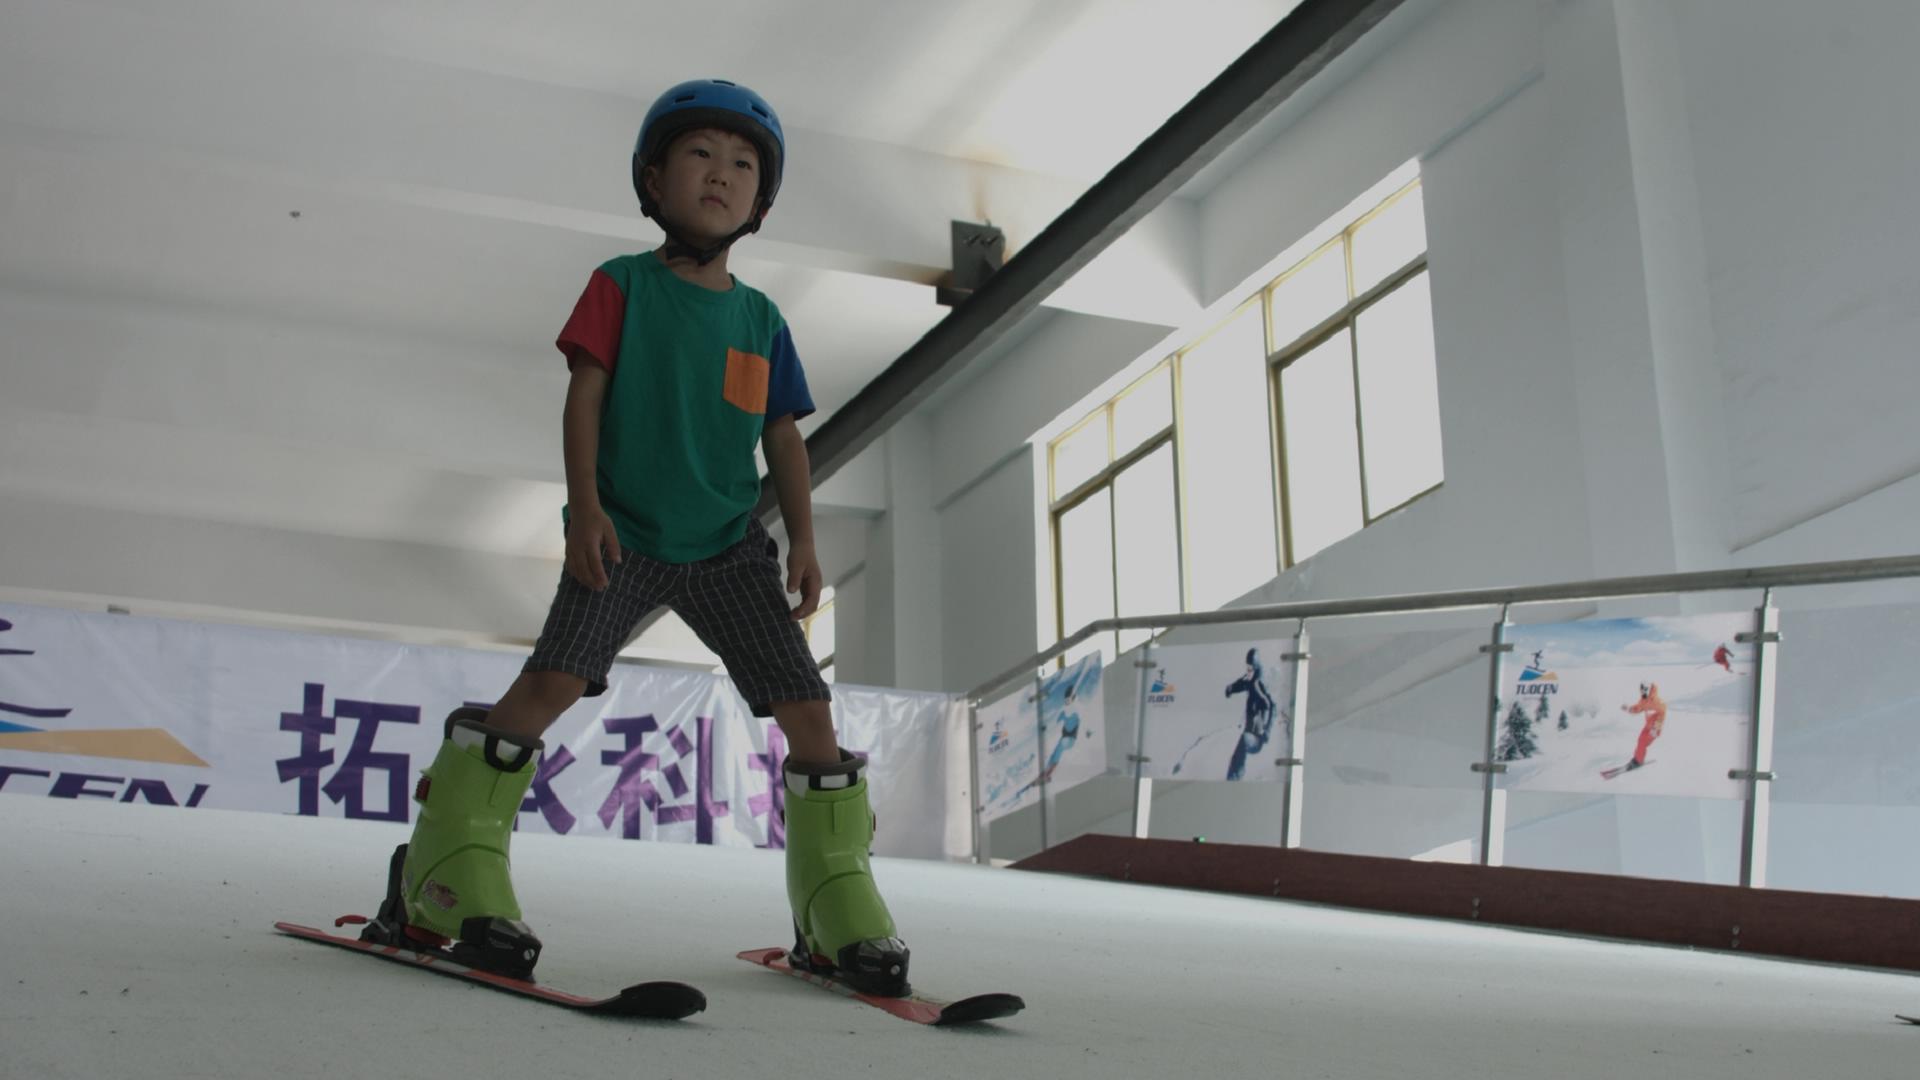 室內滑雪模擬器 新疆室內滑雪模擬器 室內模擬滑雪機廠家